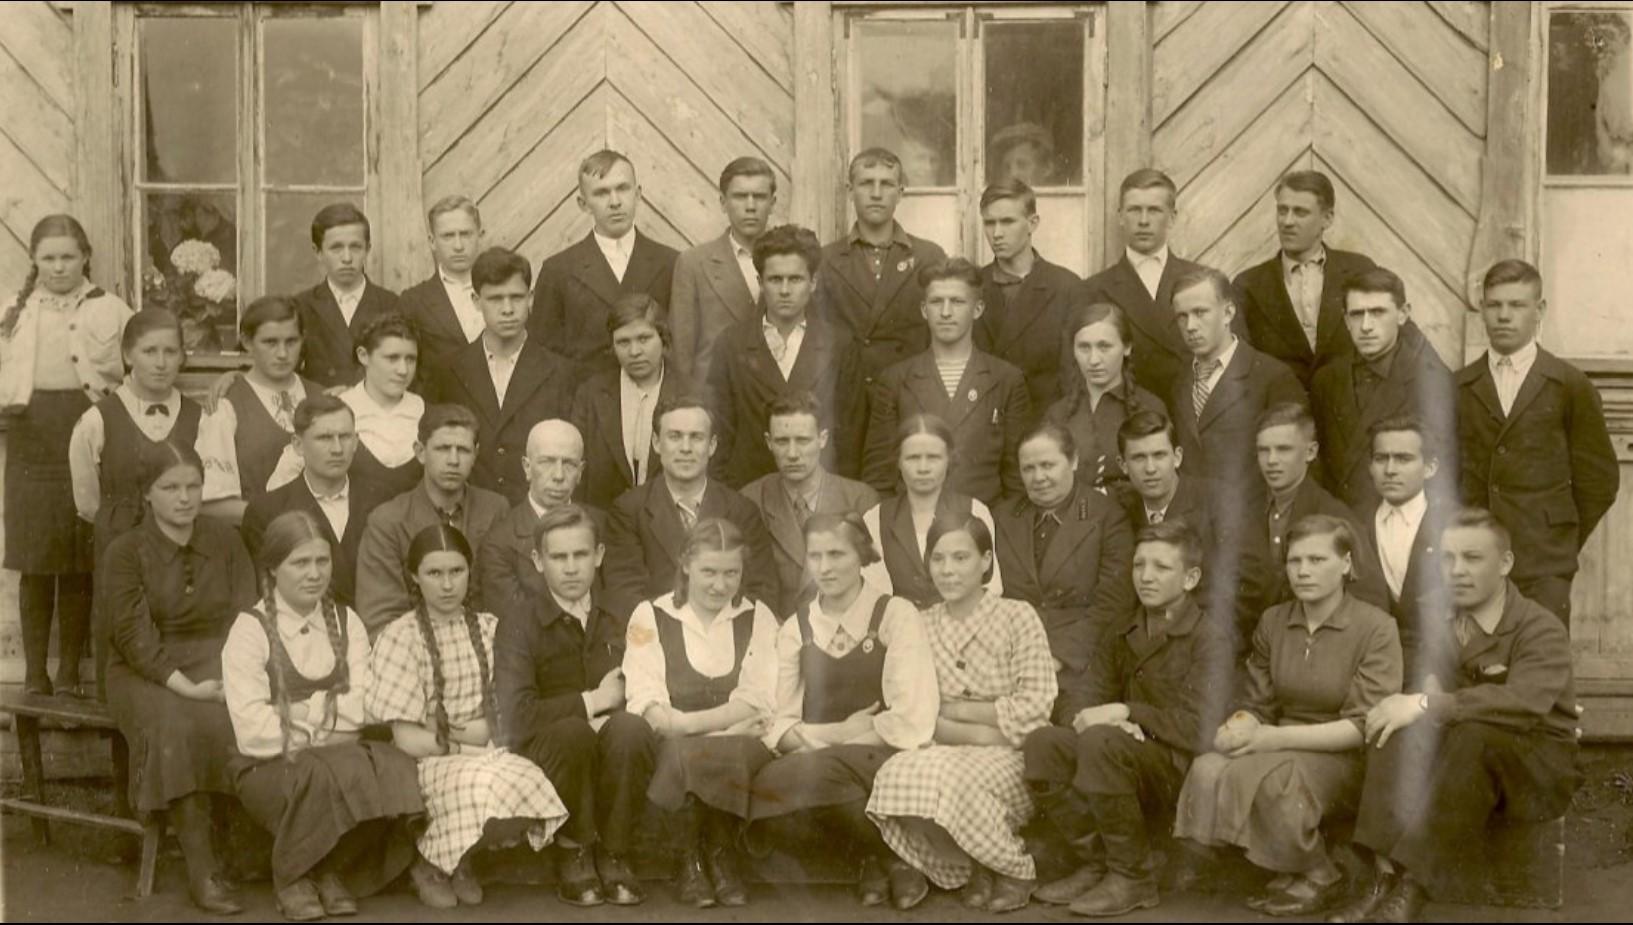 1941. 10 класс. Школа № 12